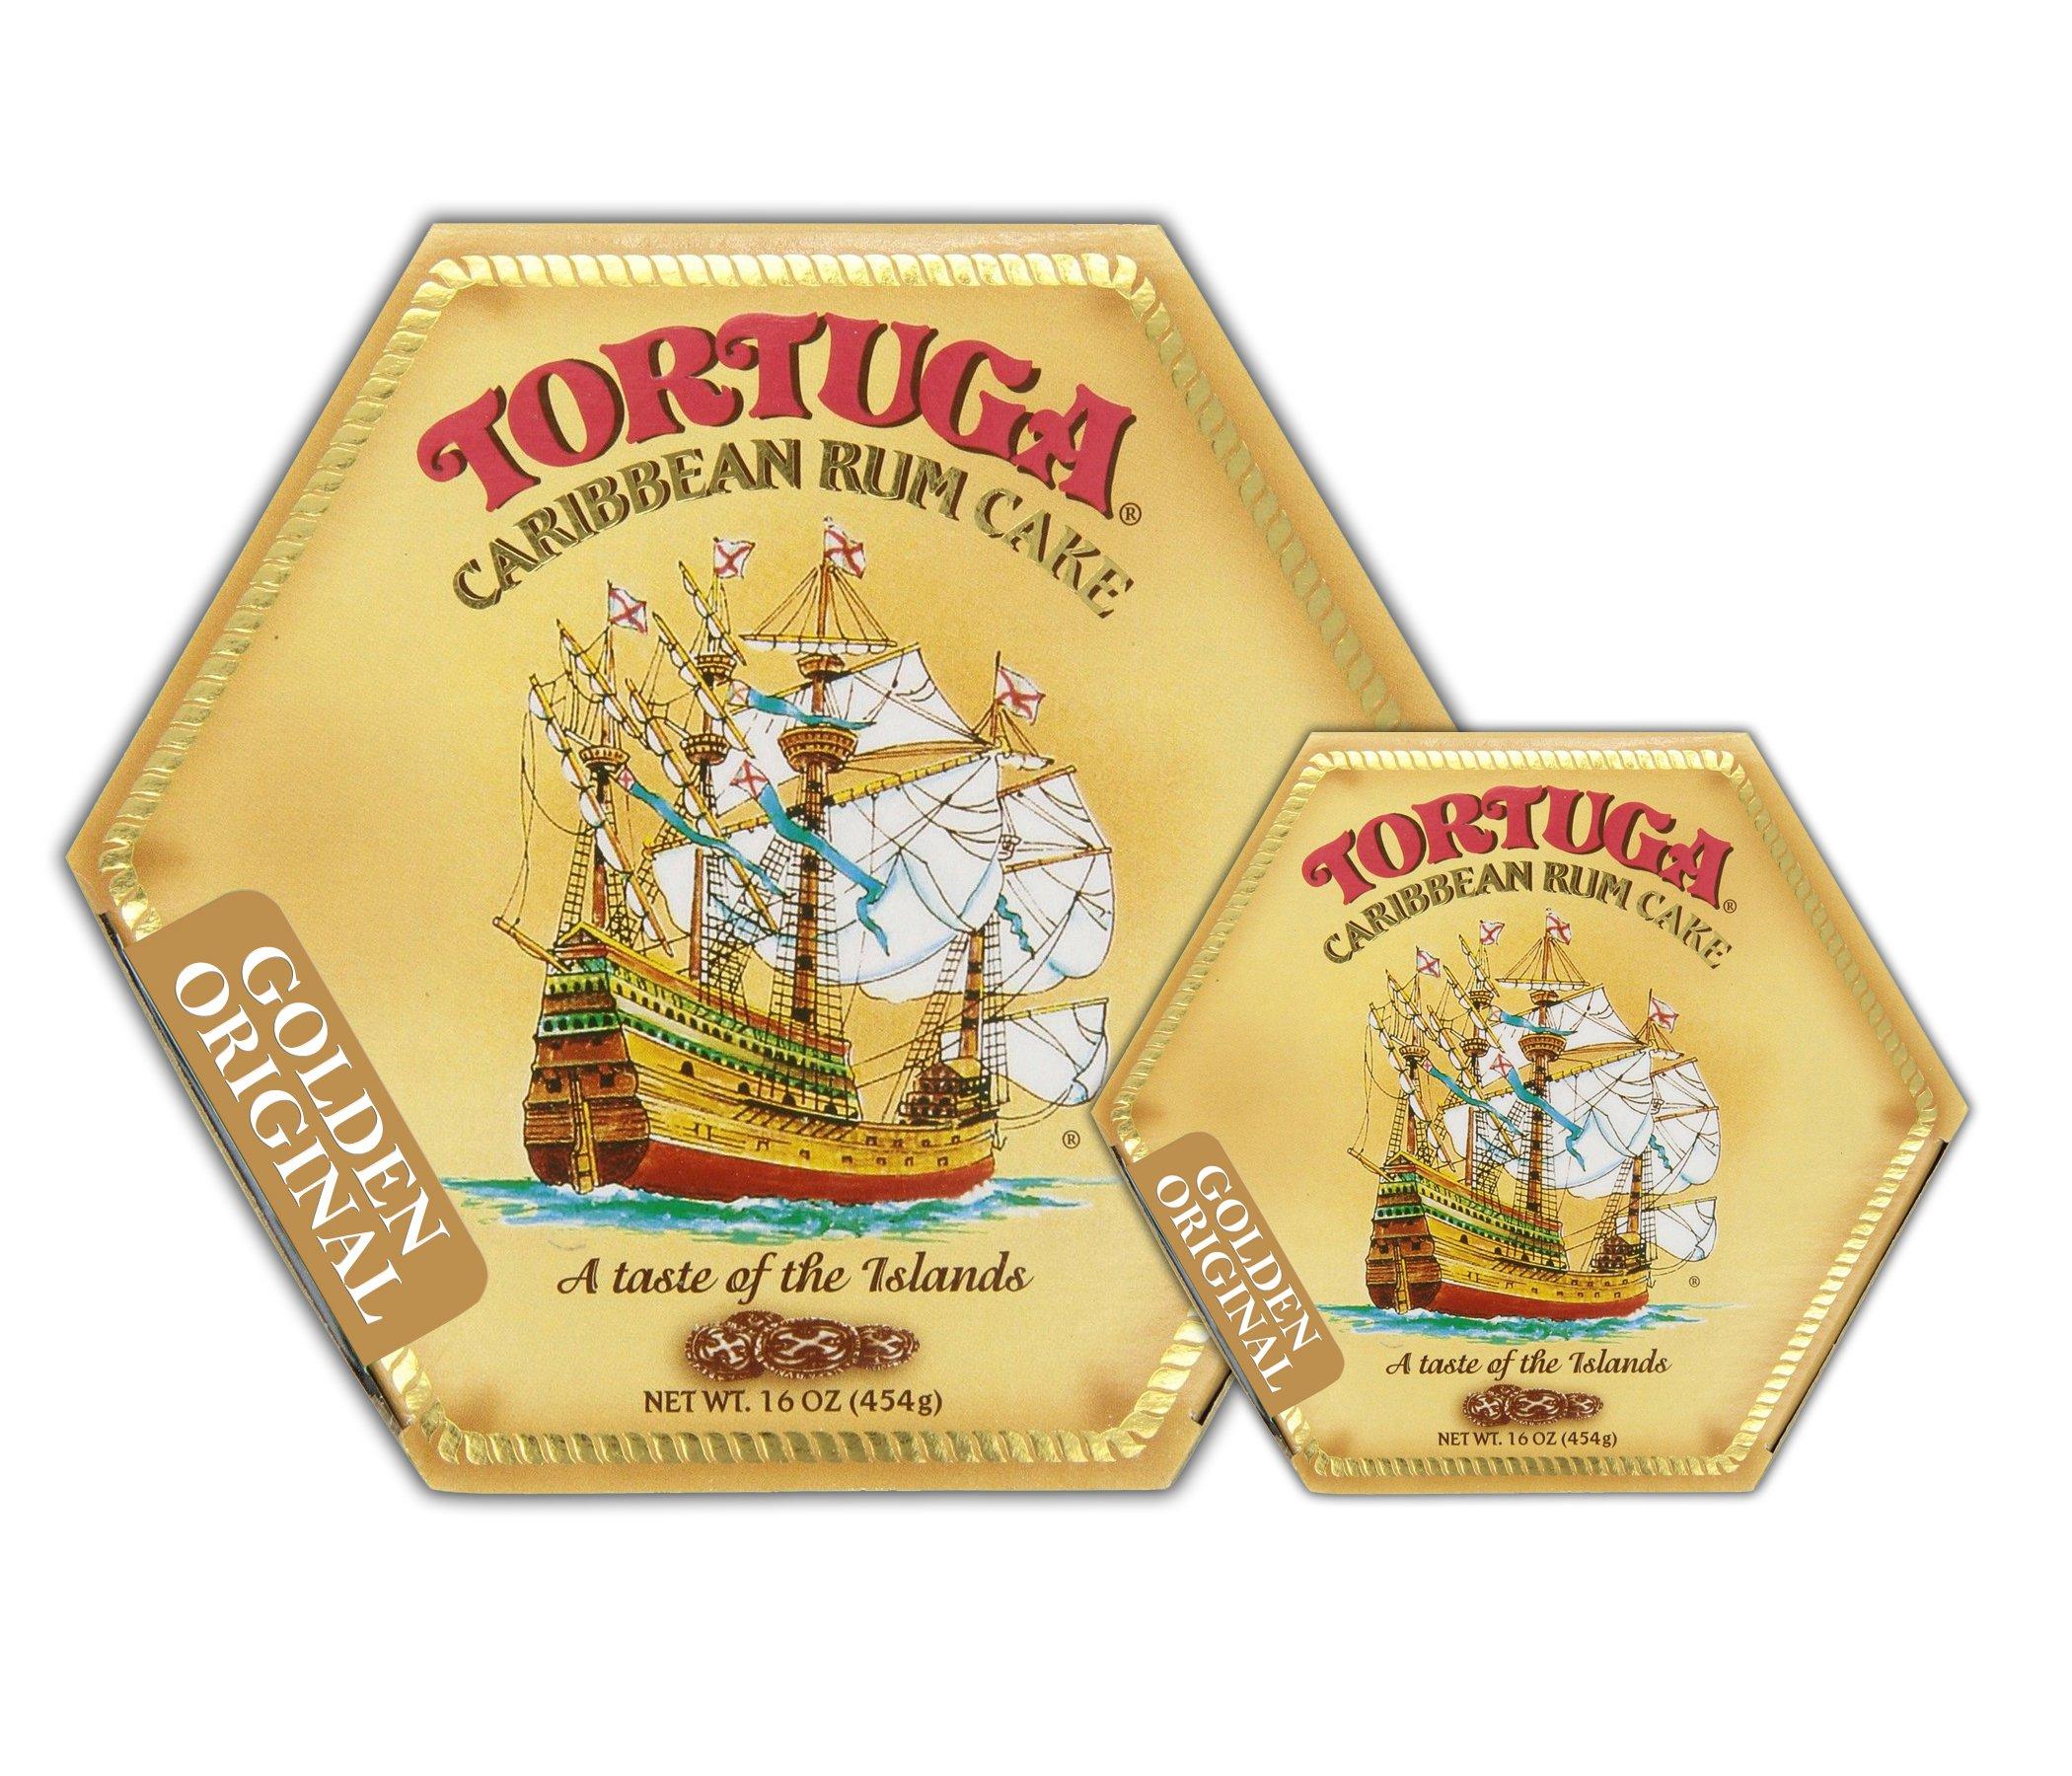 Tortuga Original Caribbean Rum Cake, 16-Ounce Cake - Pack of 2 by Tortuga